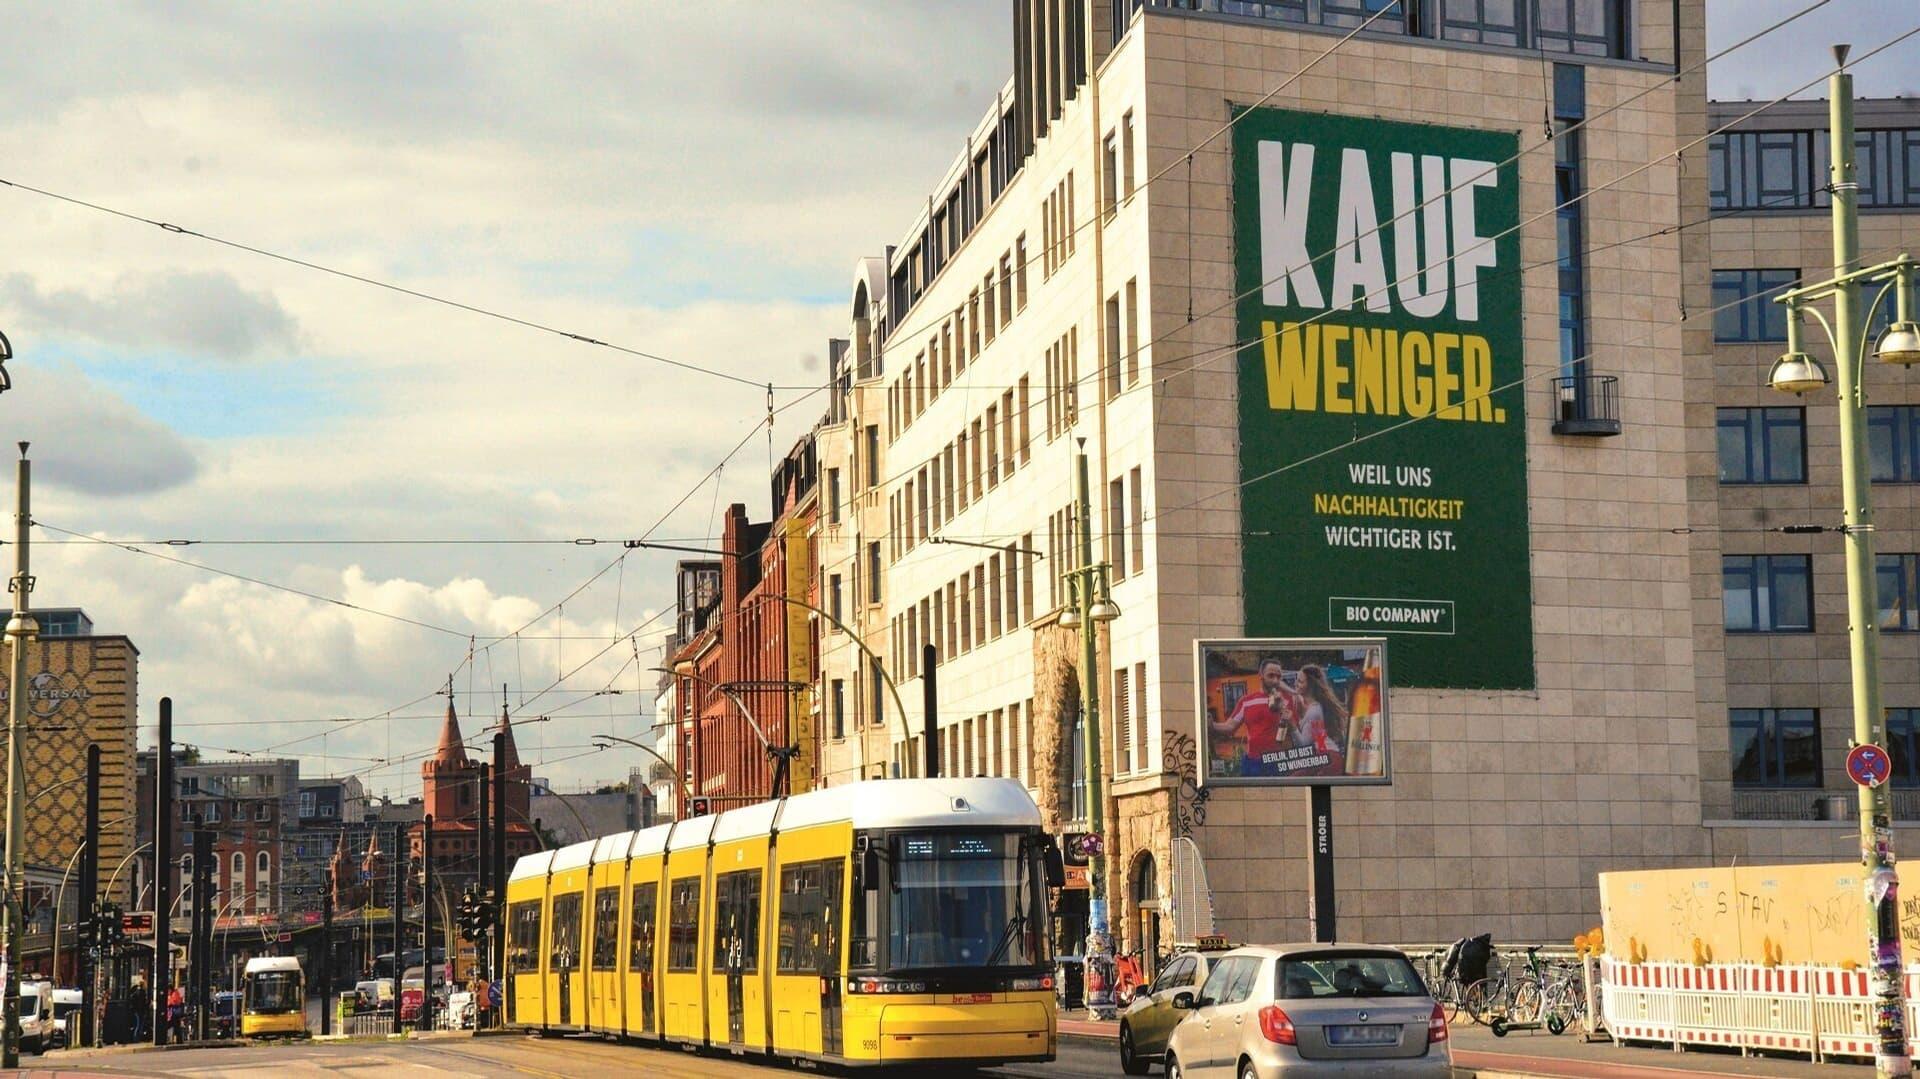 Werbeschild mit der Aufschrift